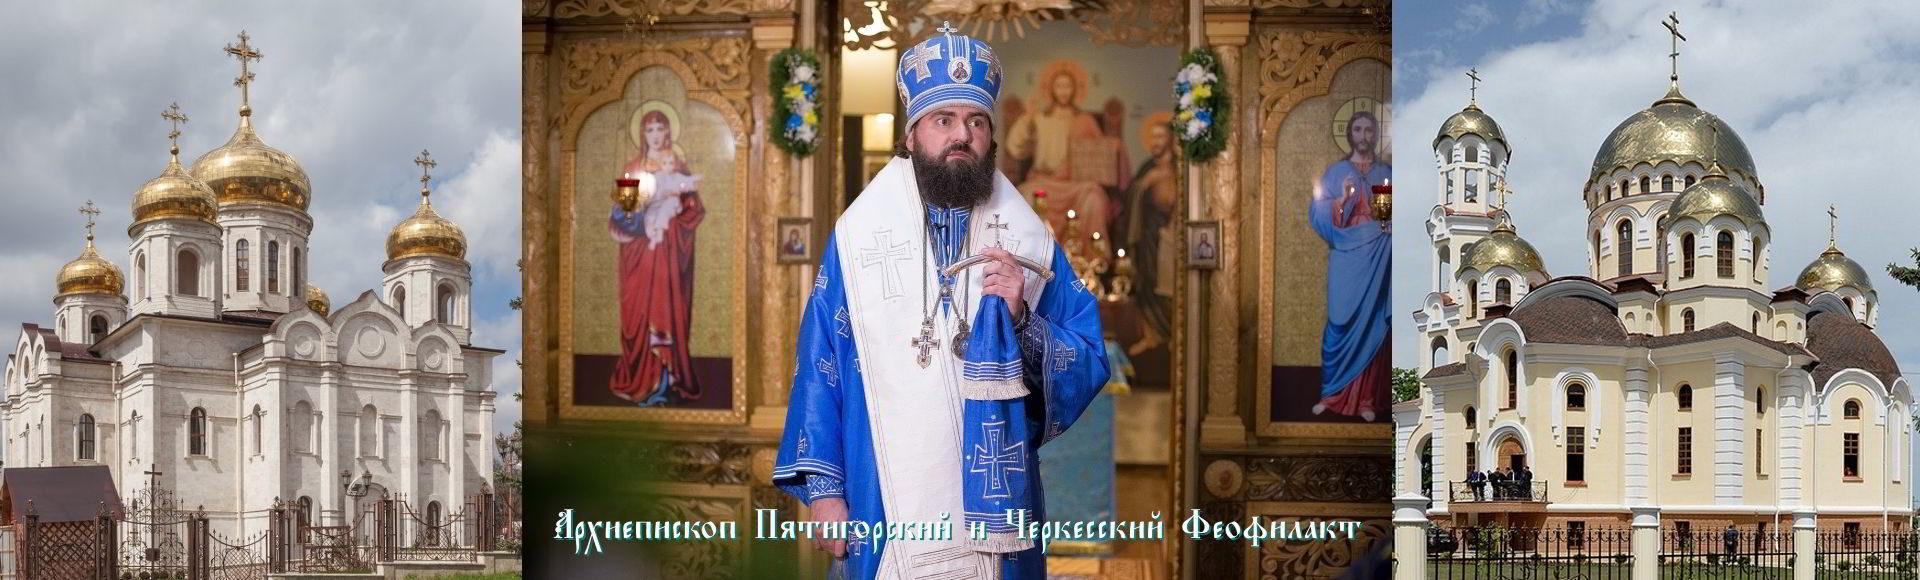 Феофилакт, архиепископ Пятигорский и Черкесский